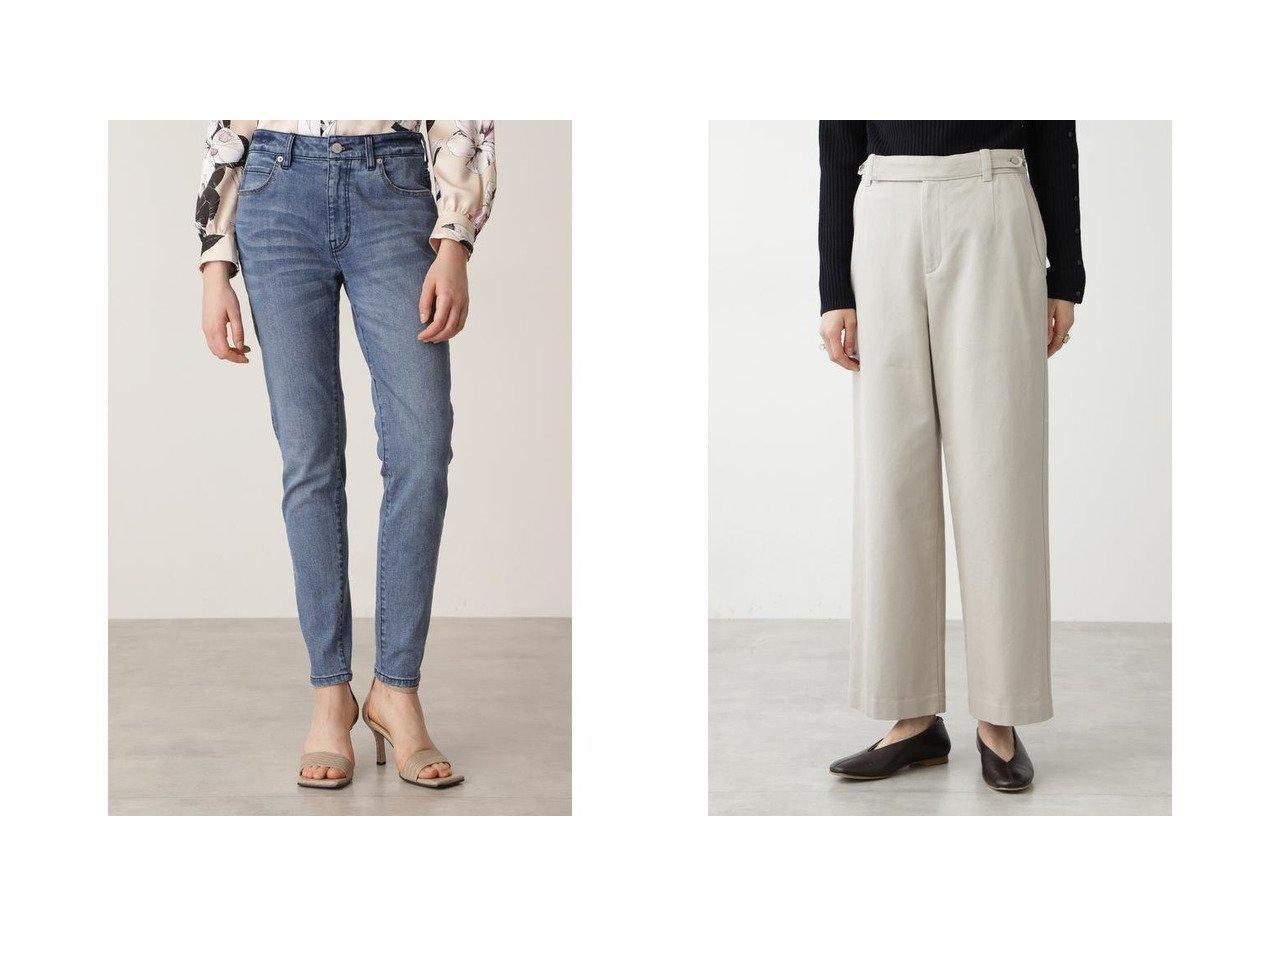 【Pinky&Dianne/ピンキーアンドダイアン】のスリムフィットジーンズ&【HUMAN WOMAN/ヒューマンウーマン】のセミワイドコットンパンツ パンツのおすすめ!人気、トレンド・レディースファッションの通販   レディースファッション・服の通販 founy(ファニー)